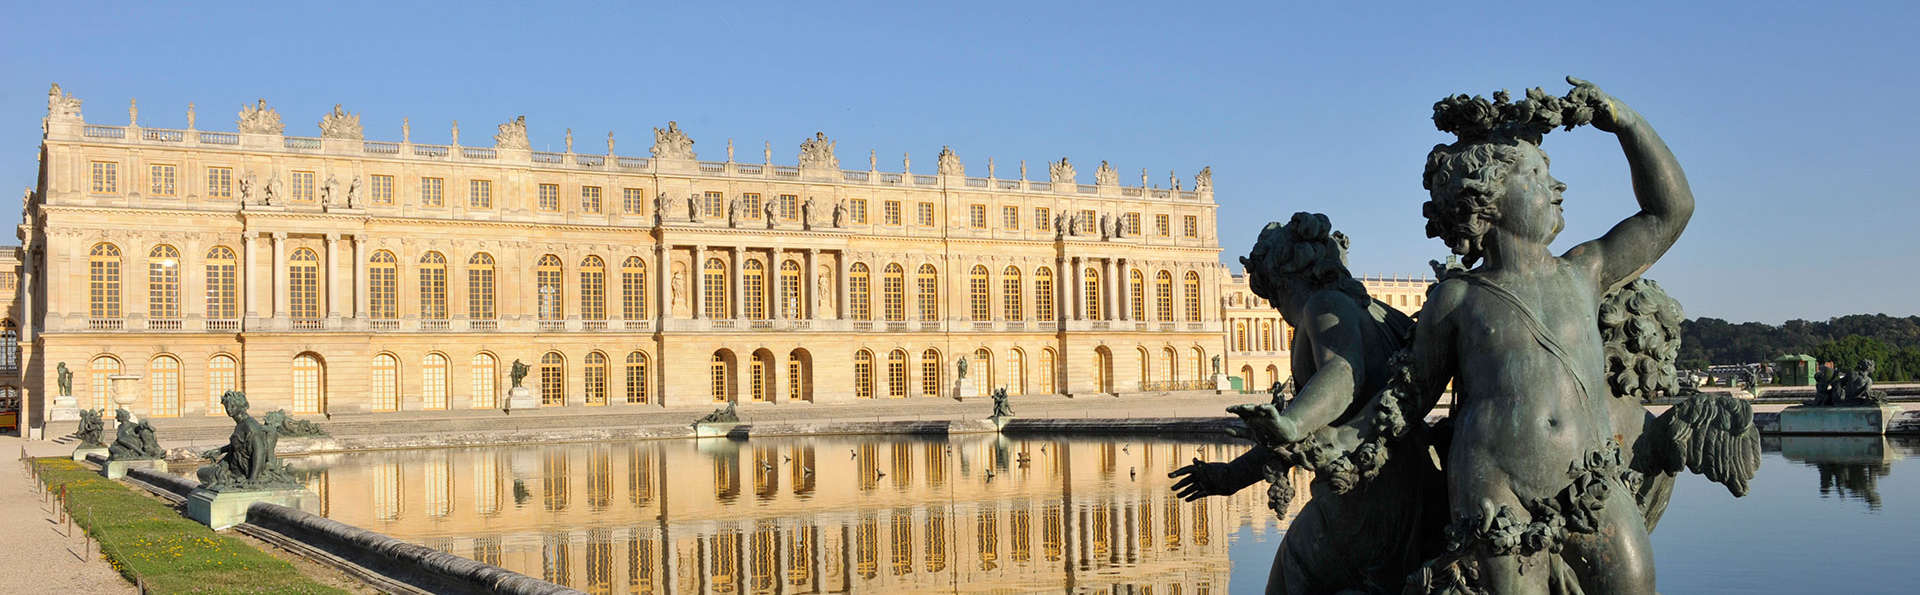 Week-end culturel avec entrée au Château de Versailles (Passeport 2 jours)